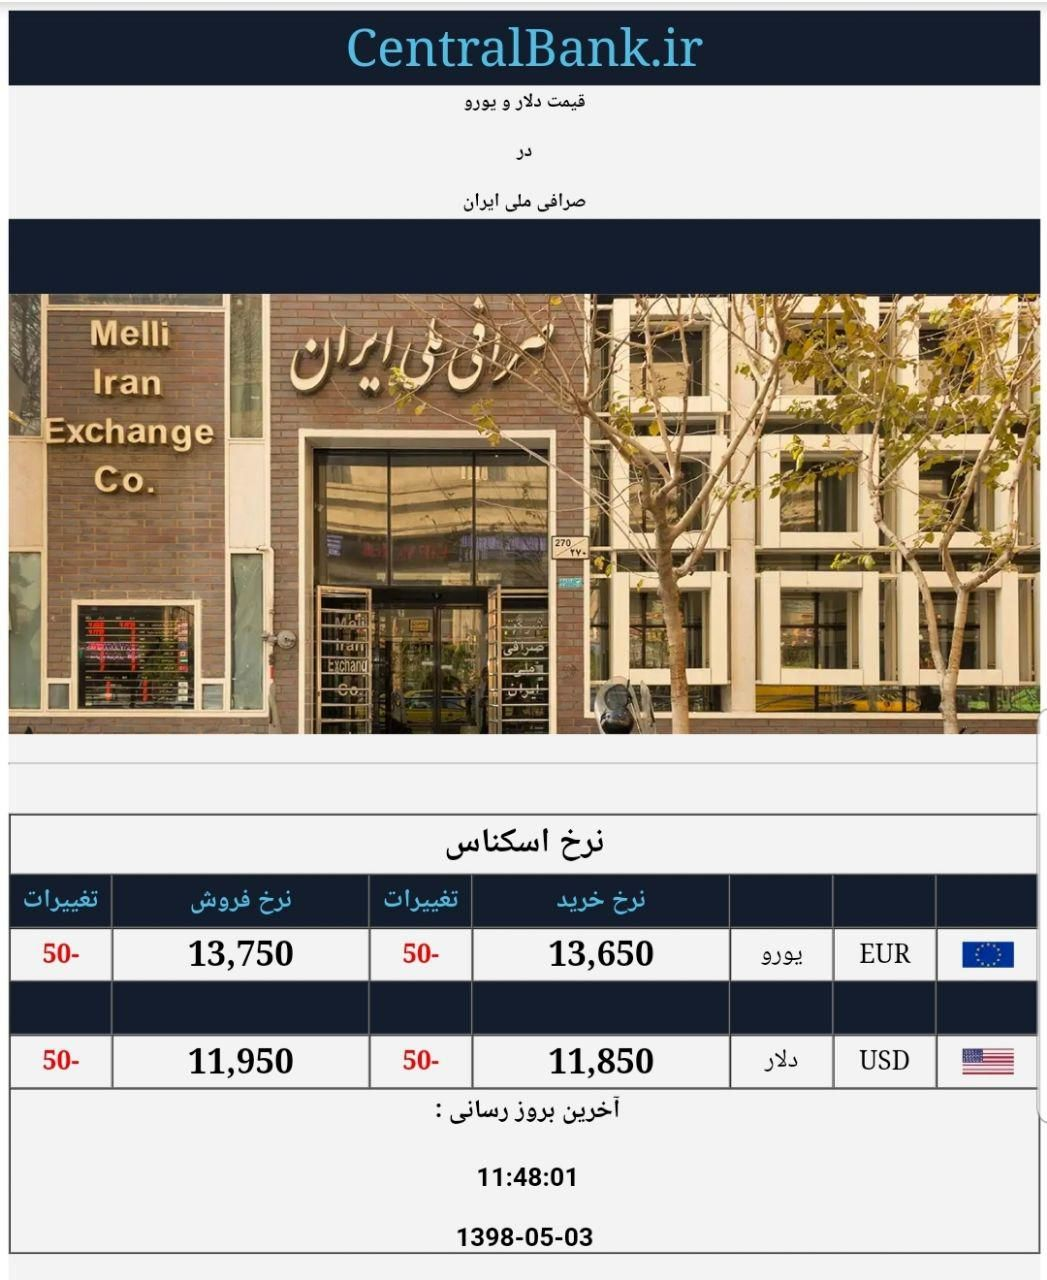 قیمت دلار و یورو در صرافی ملی امروز ۱۳۹۸/۰۵/۰۳| پیشروی دلار در کانال ۱۱ هزار تومان